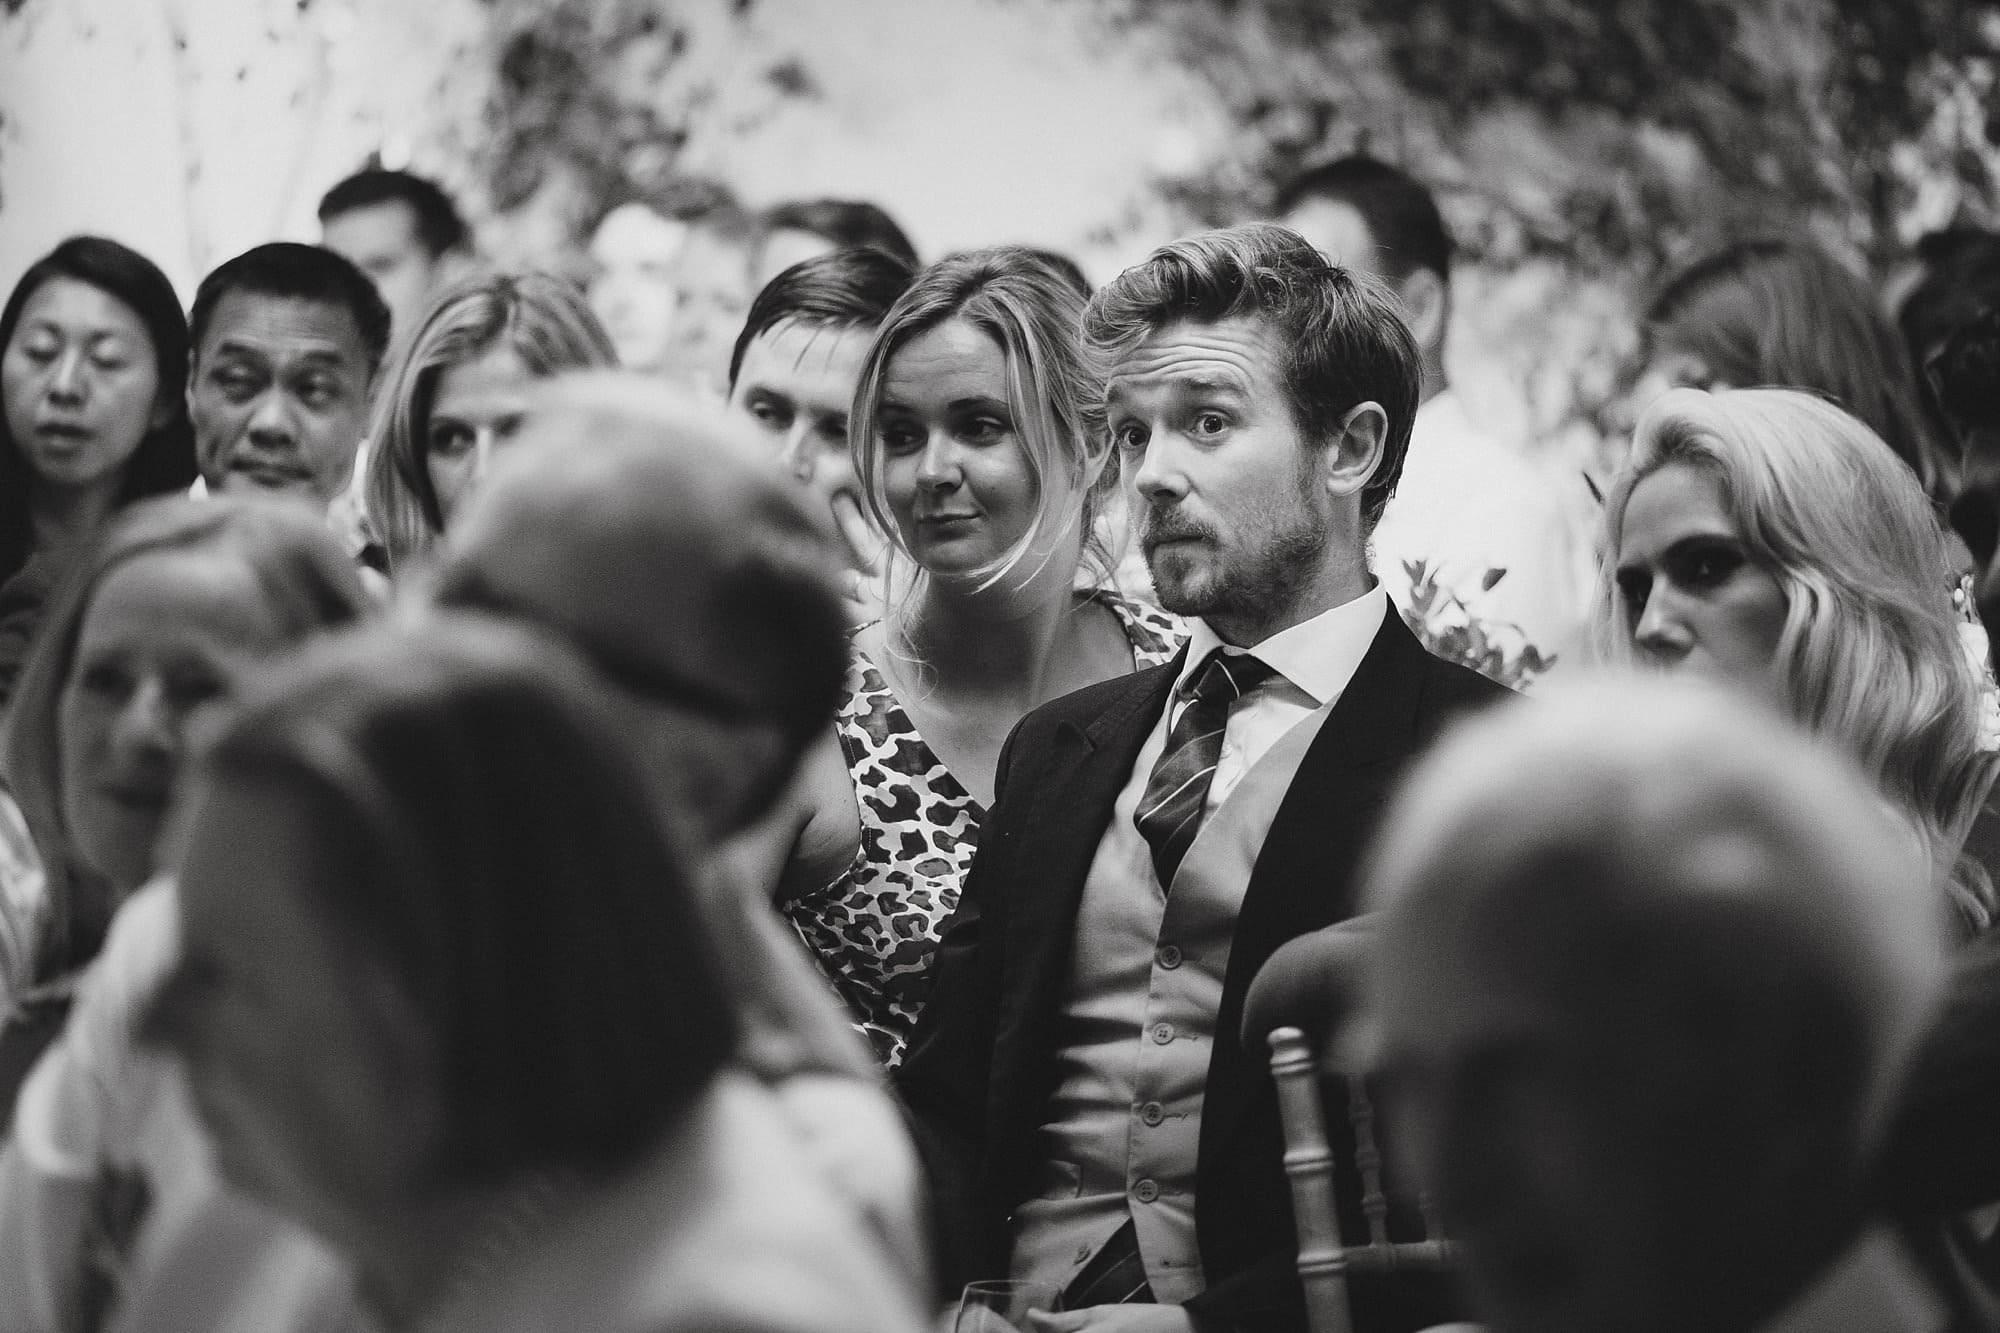 fulham palace wedding photographer 075 - Rosanna + Duncan | Fulham